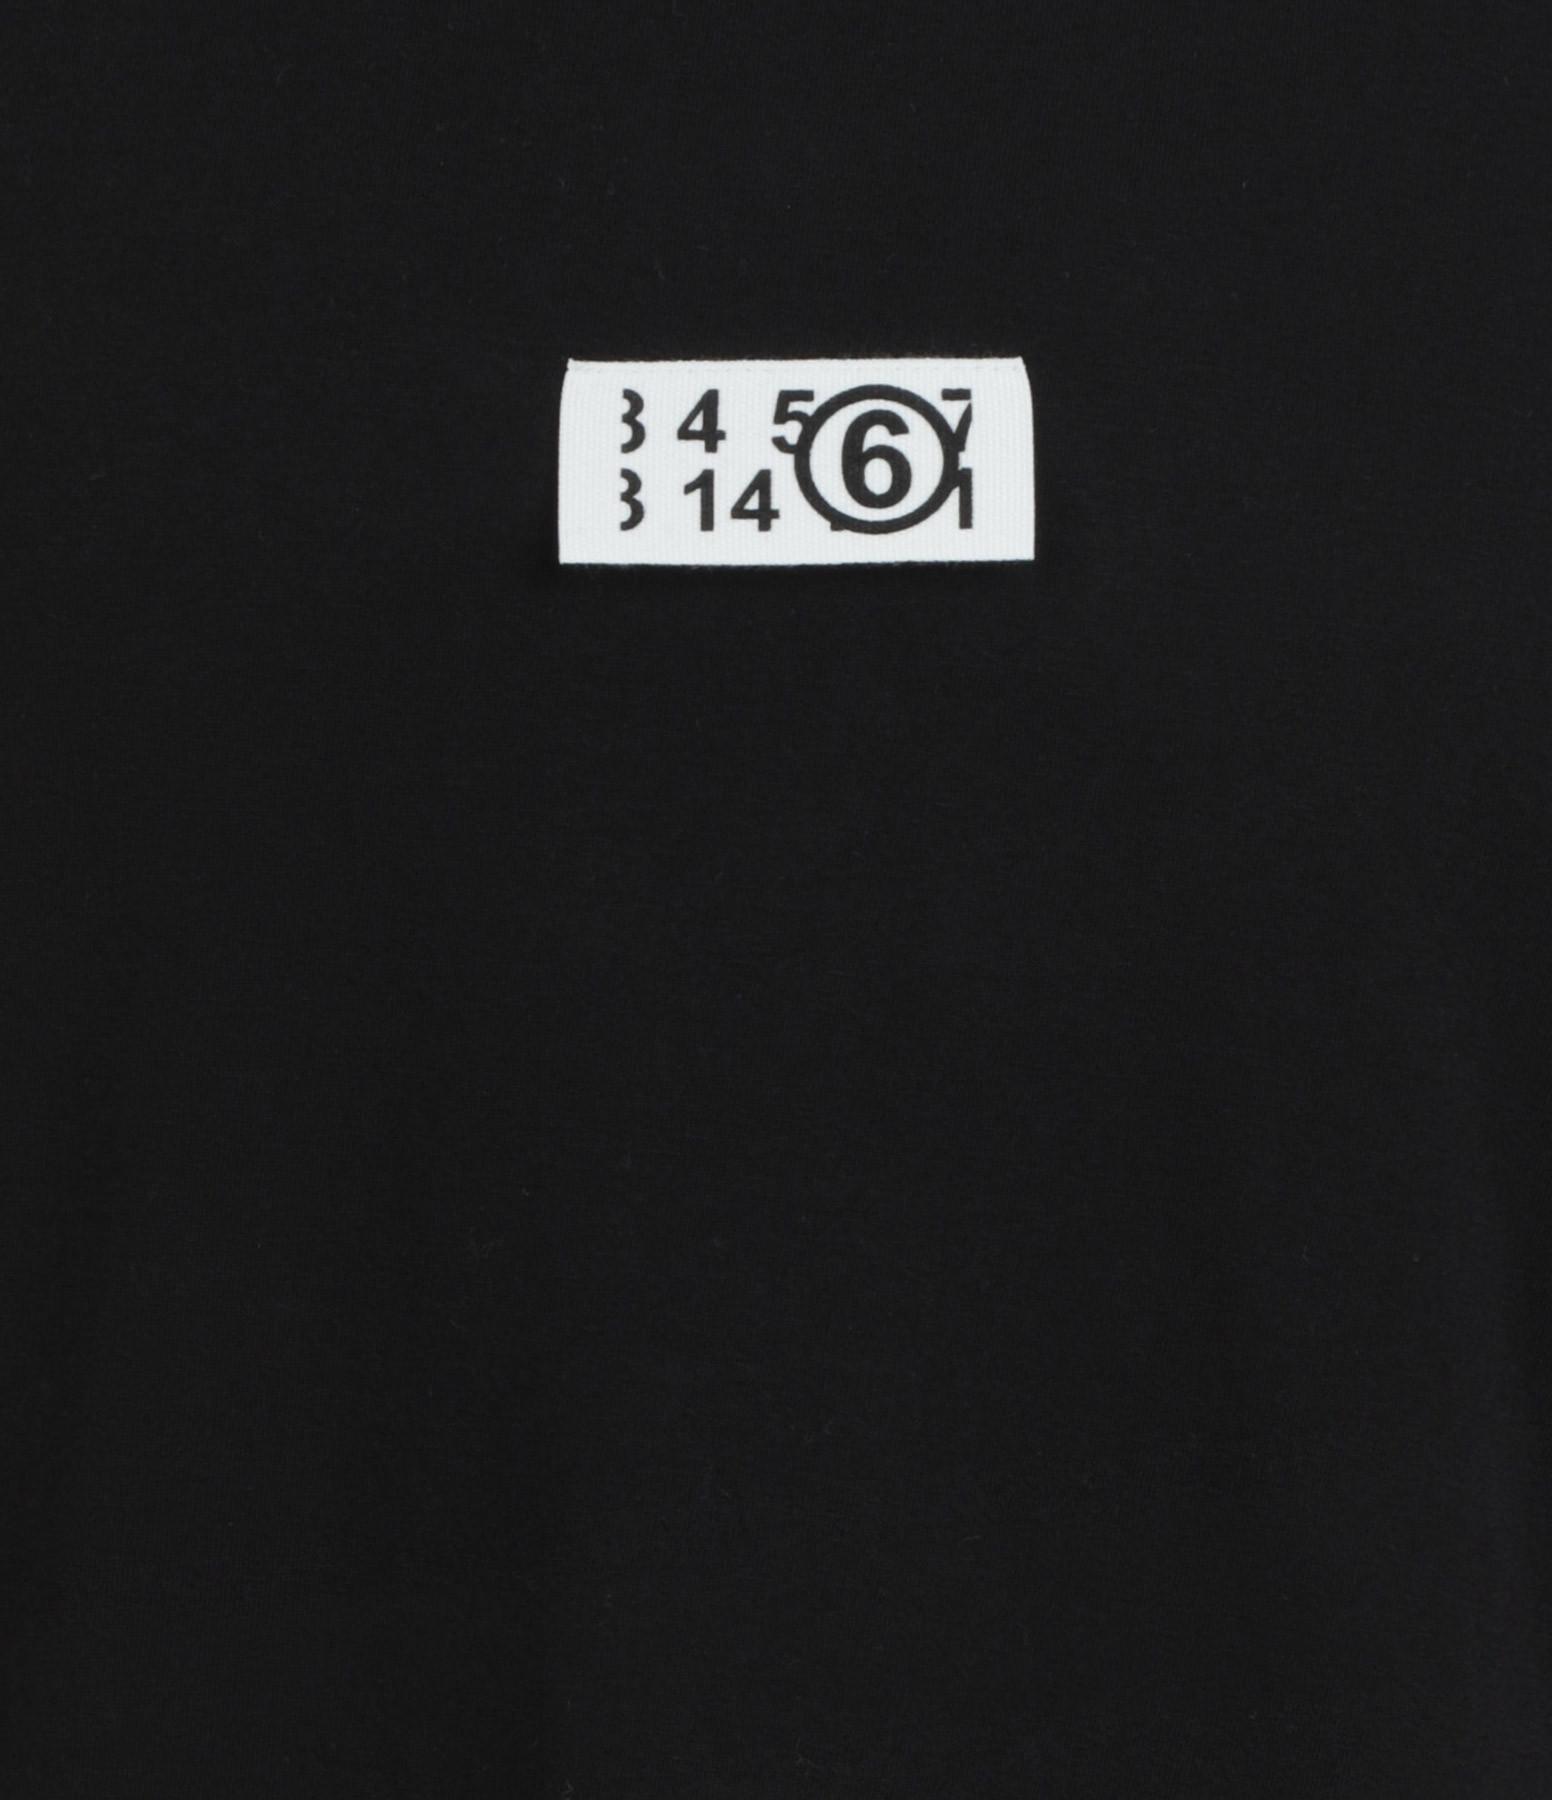 MM6 MAISON MARGIELA - Tee-shirt Coton Noir, Collection Studio